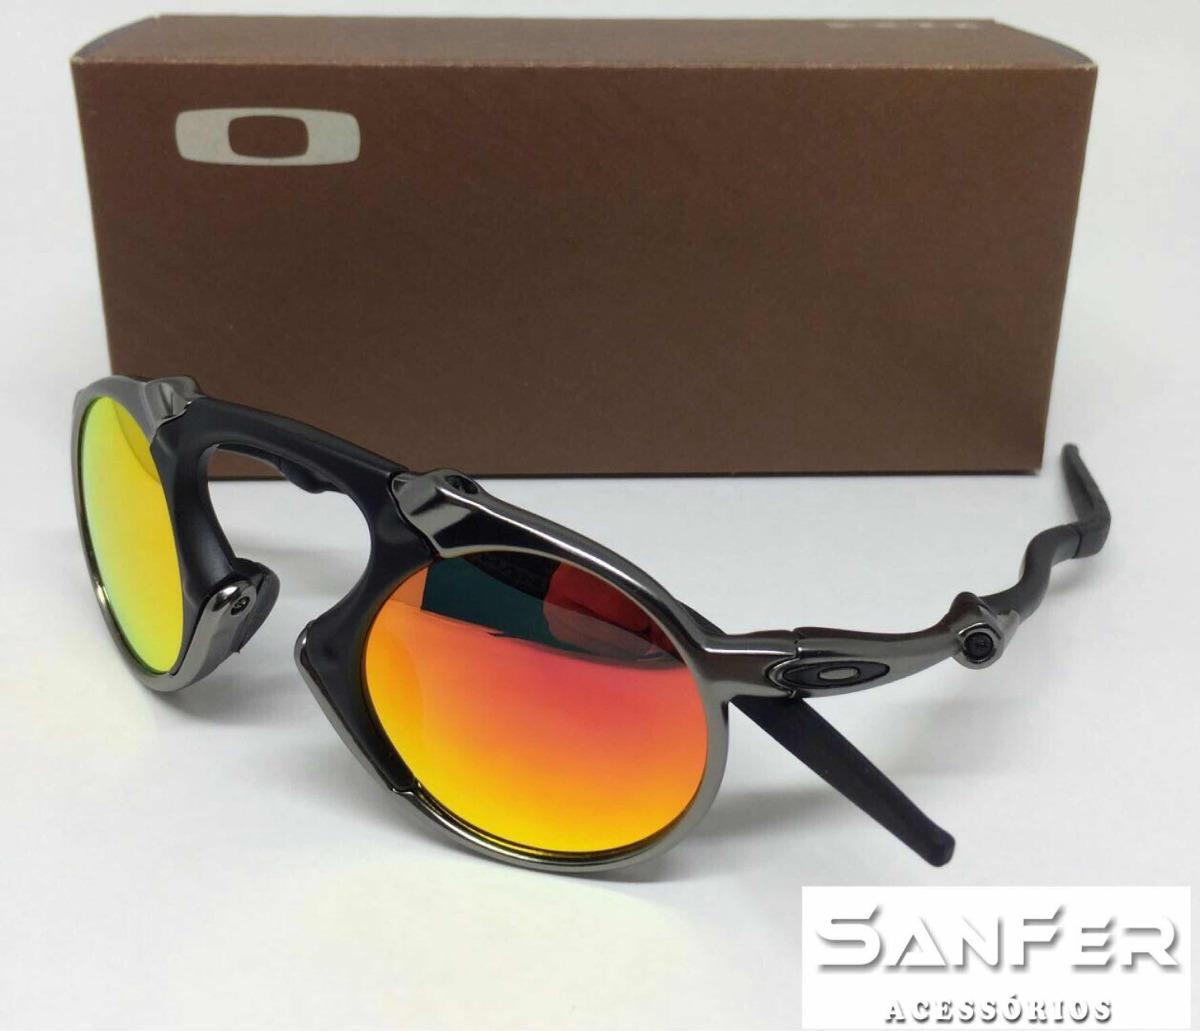 fc53c5fffc26f Oculos Oakley Madman Lente Vermelha - R  170,00 em Mercado Livre